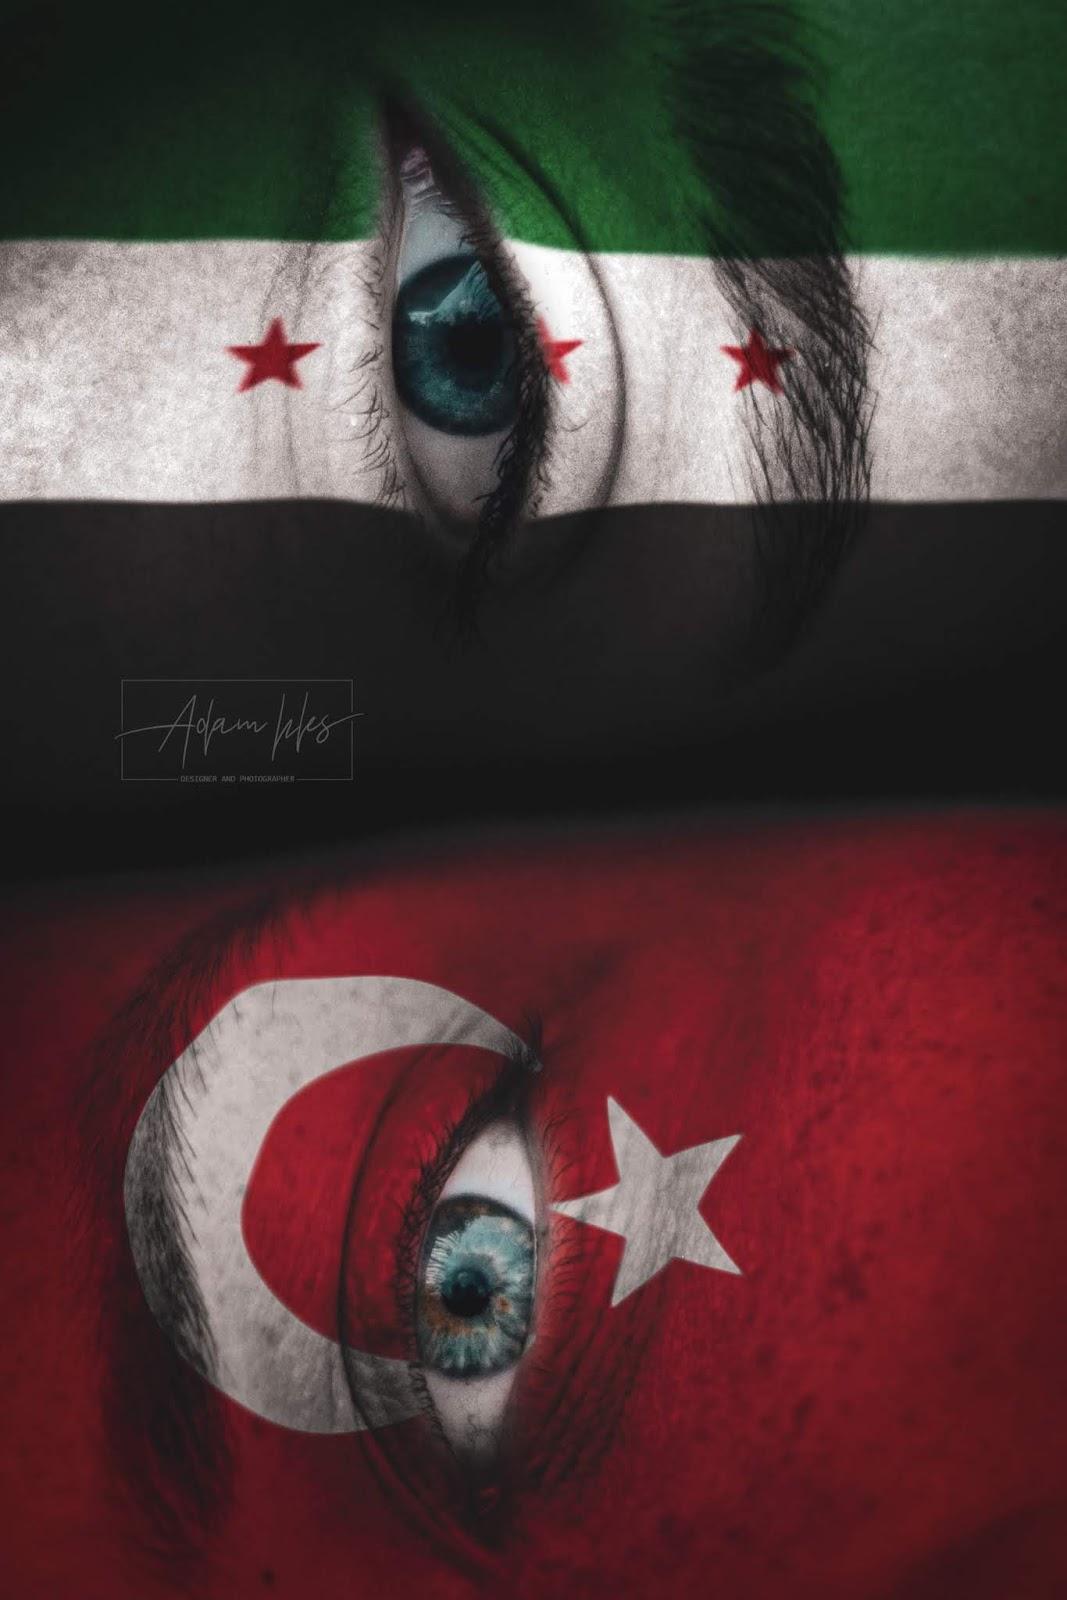 علم تركيا وعلم سوريا الحر